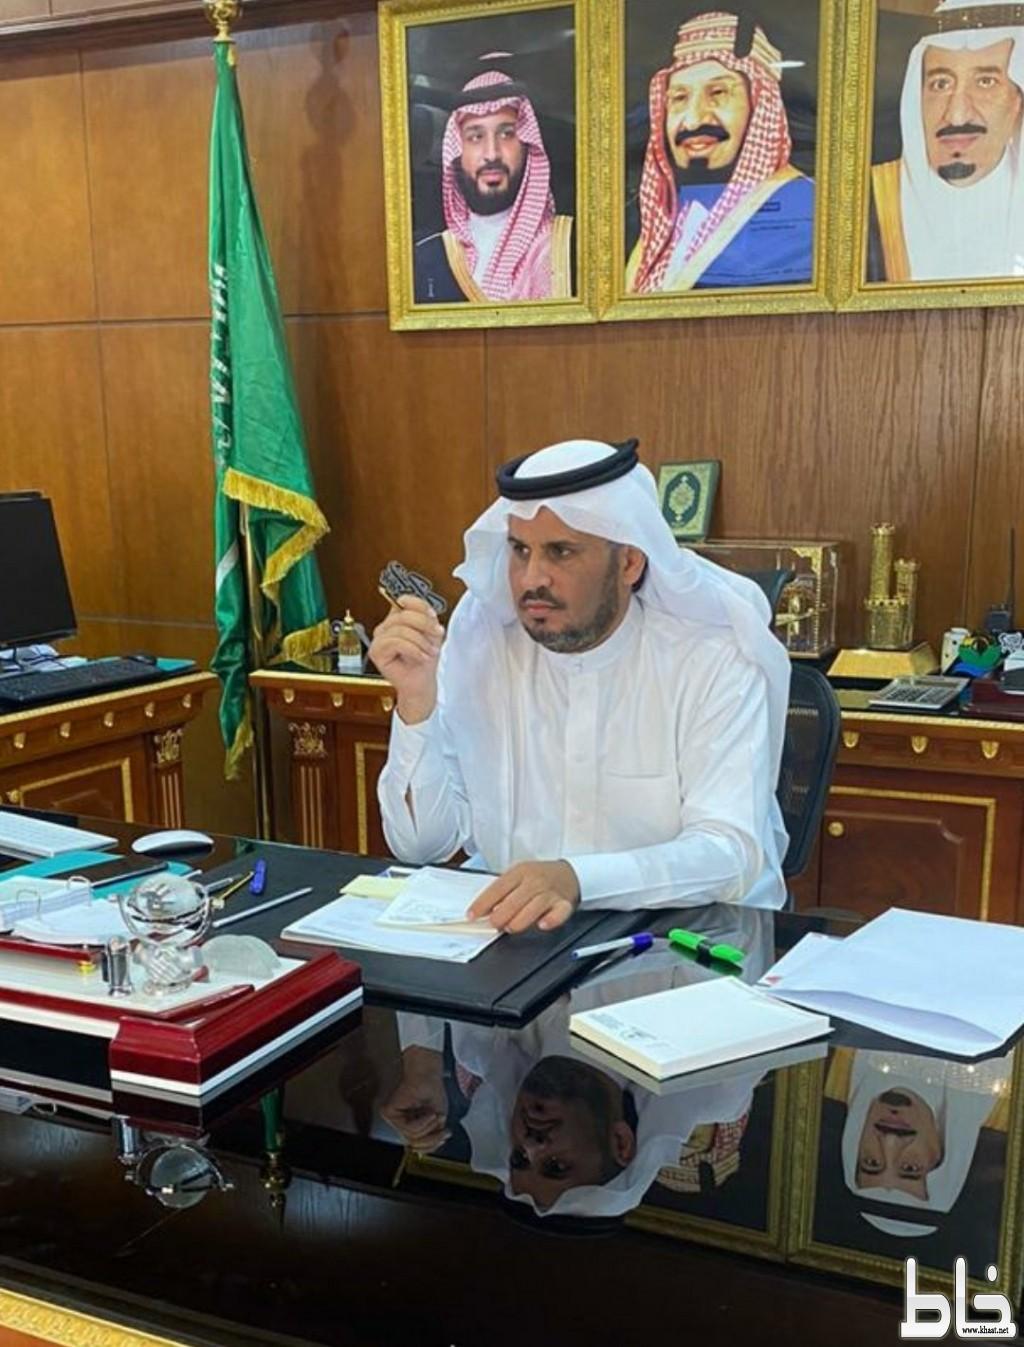 الاستاذ فايز بن معيض الحسيني الشهري رئيس بلدية محافظة القنفذة إلى المرتبة الحادية عشر